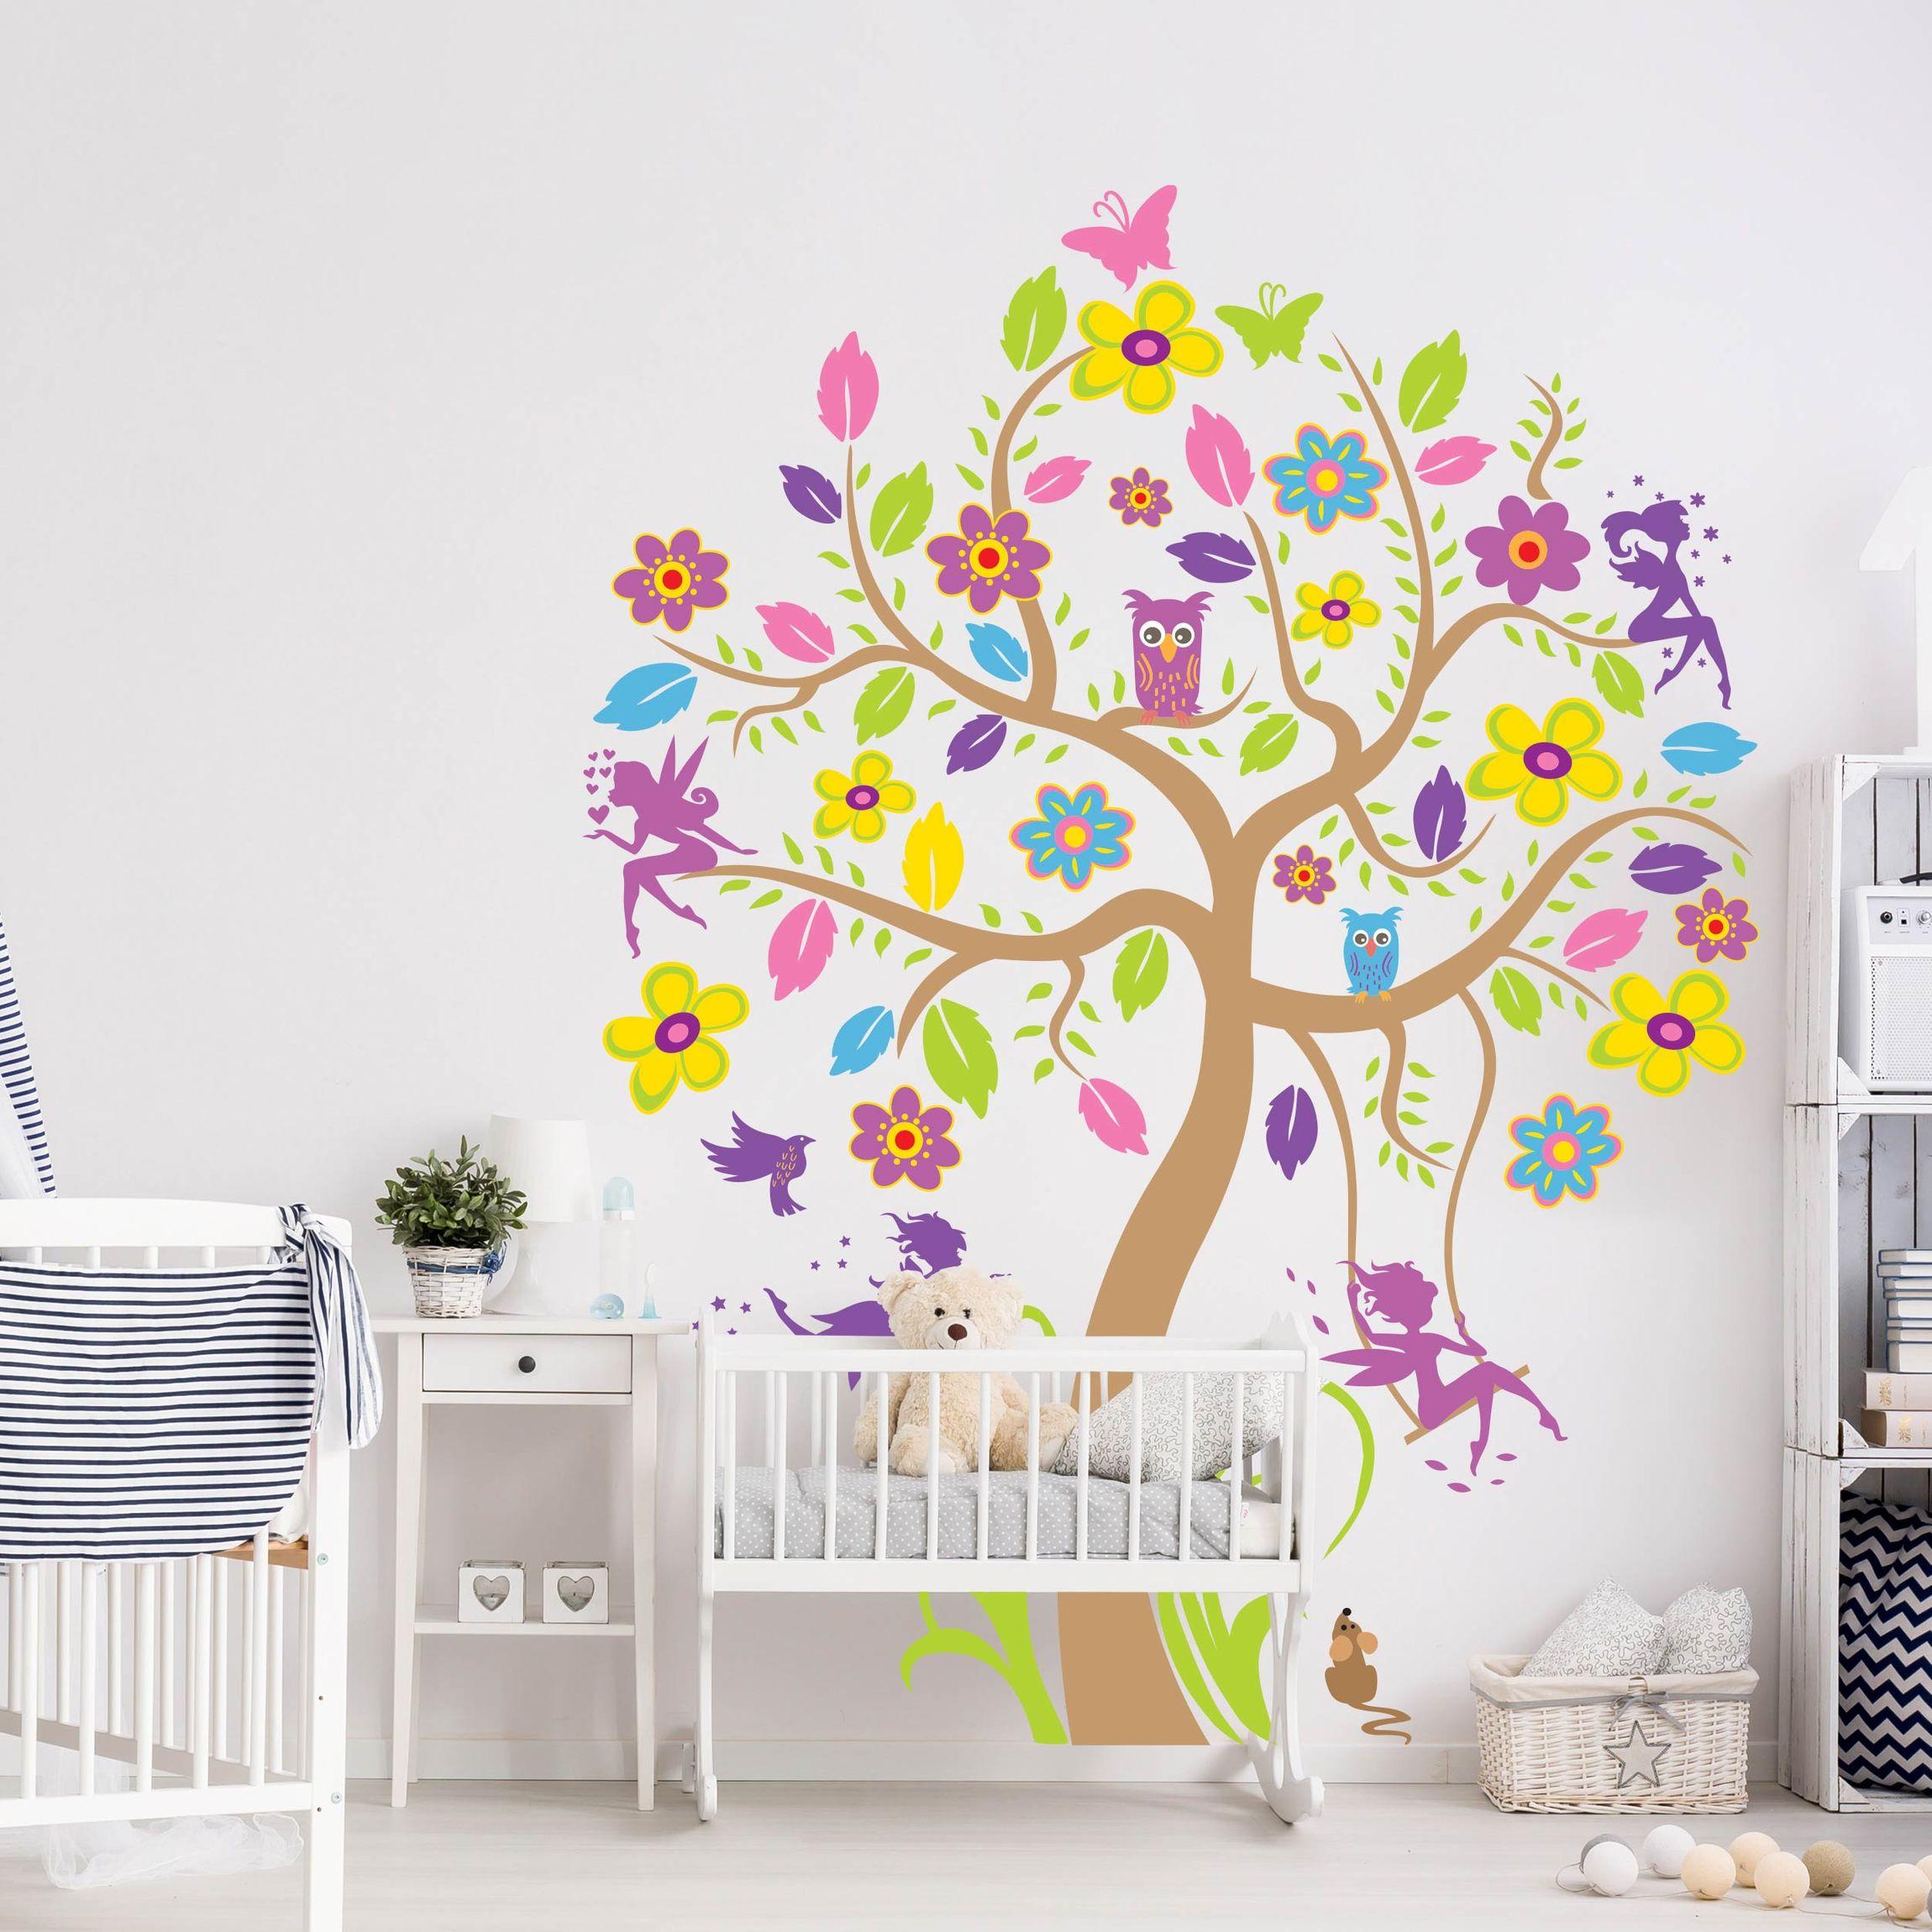 Wandtattoo Babyzimmer Wald Baum Vogel Schmetterling Eule No Bp26